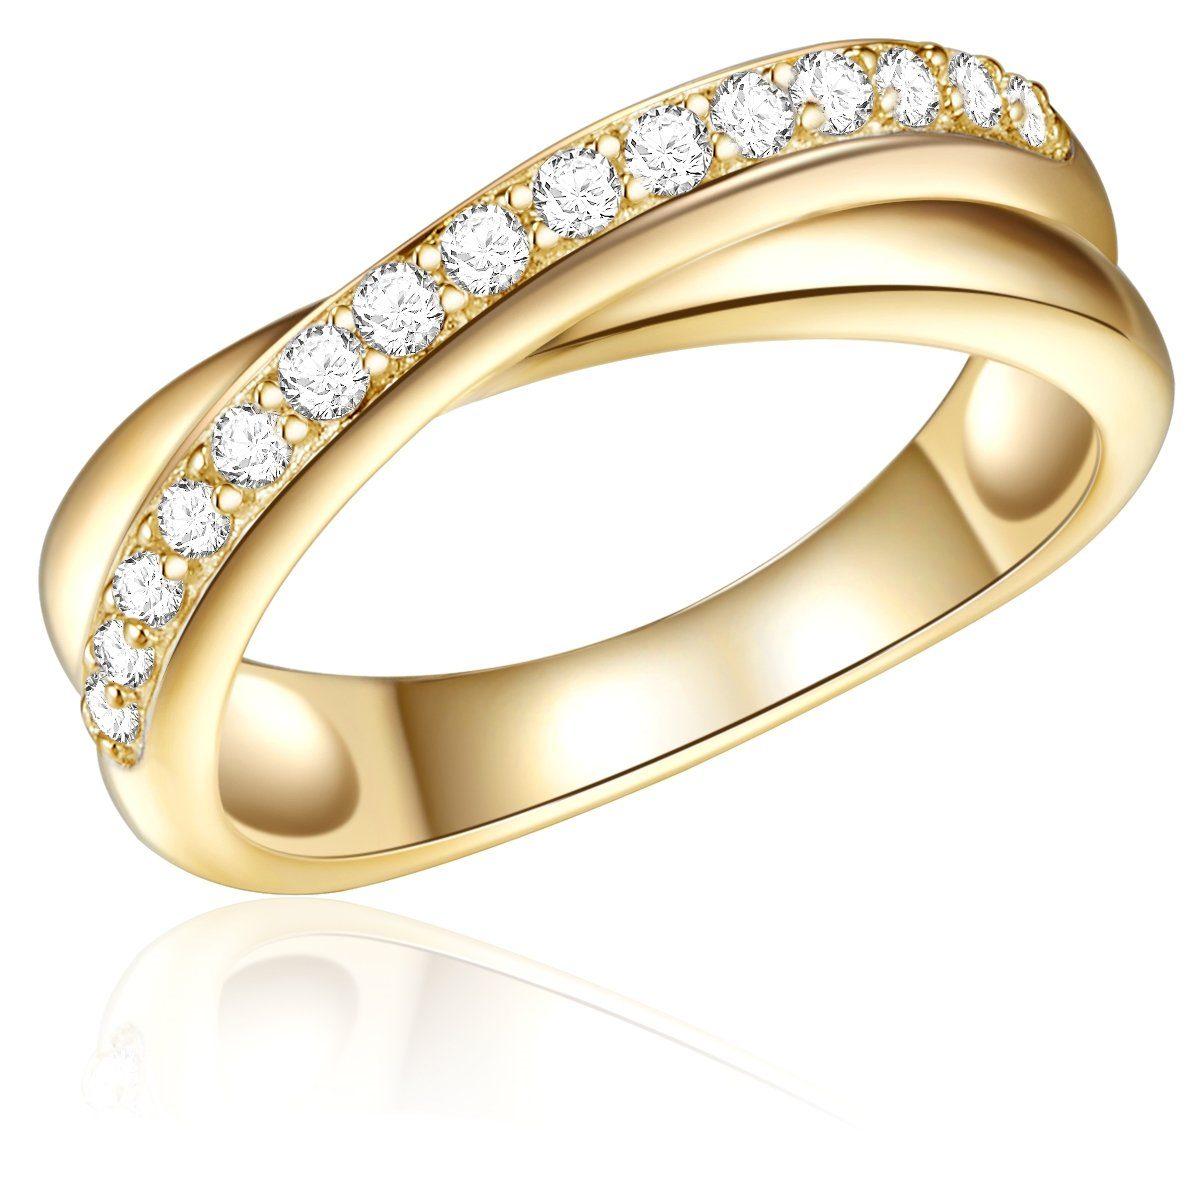 Rafaela Donata Fingerring RD231 | Schmuck > Ringe | Goldfarben | Rafaela Donata